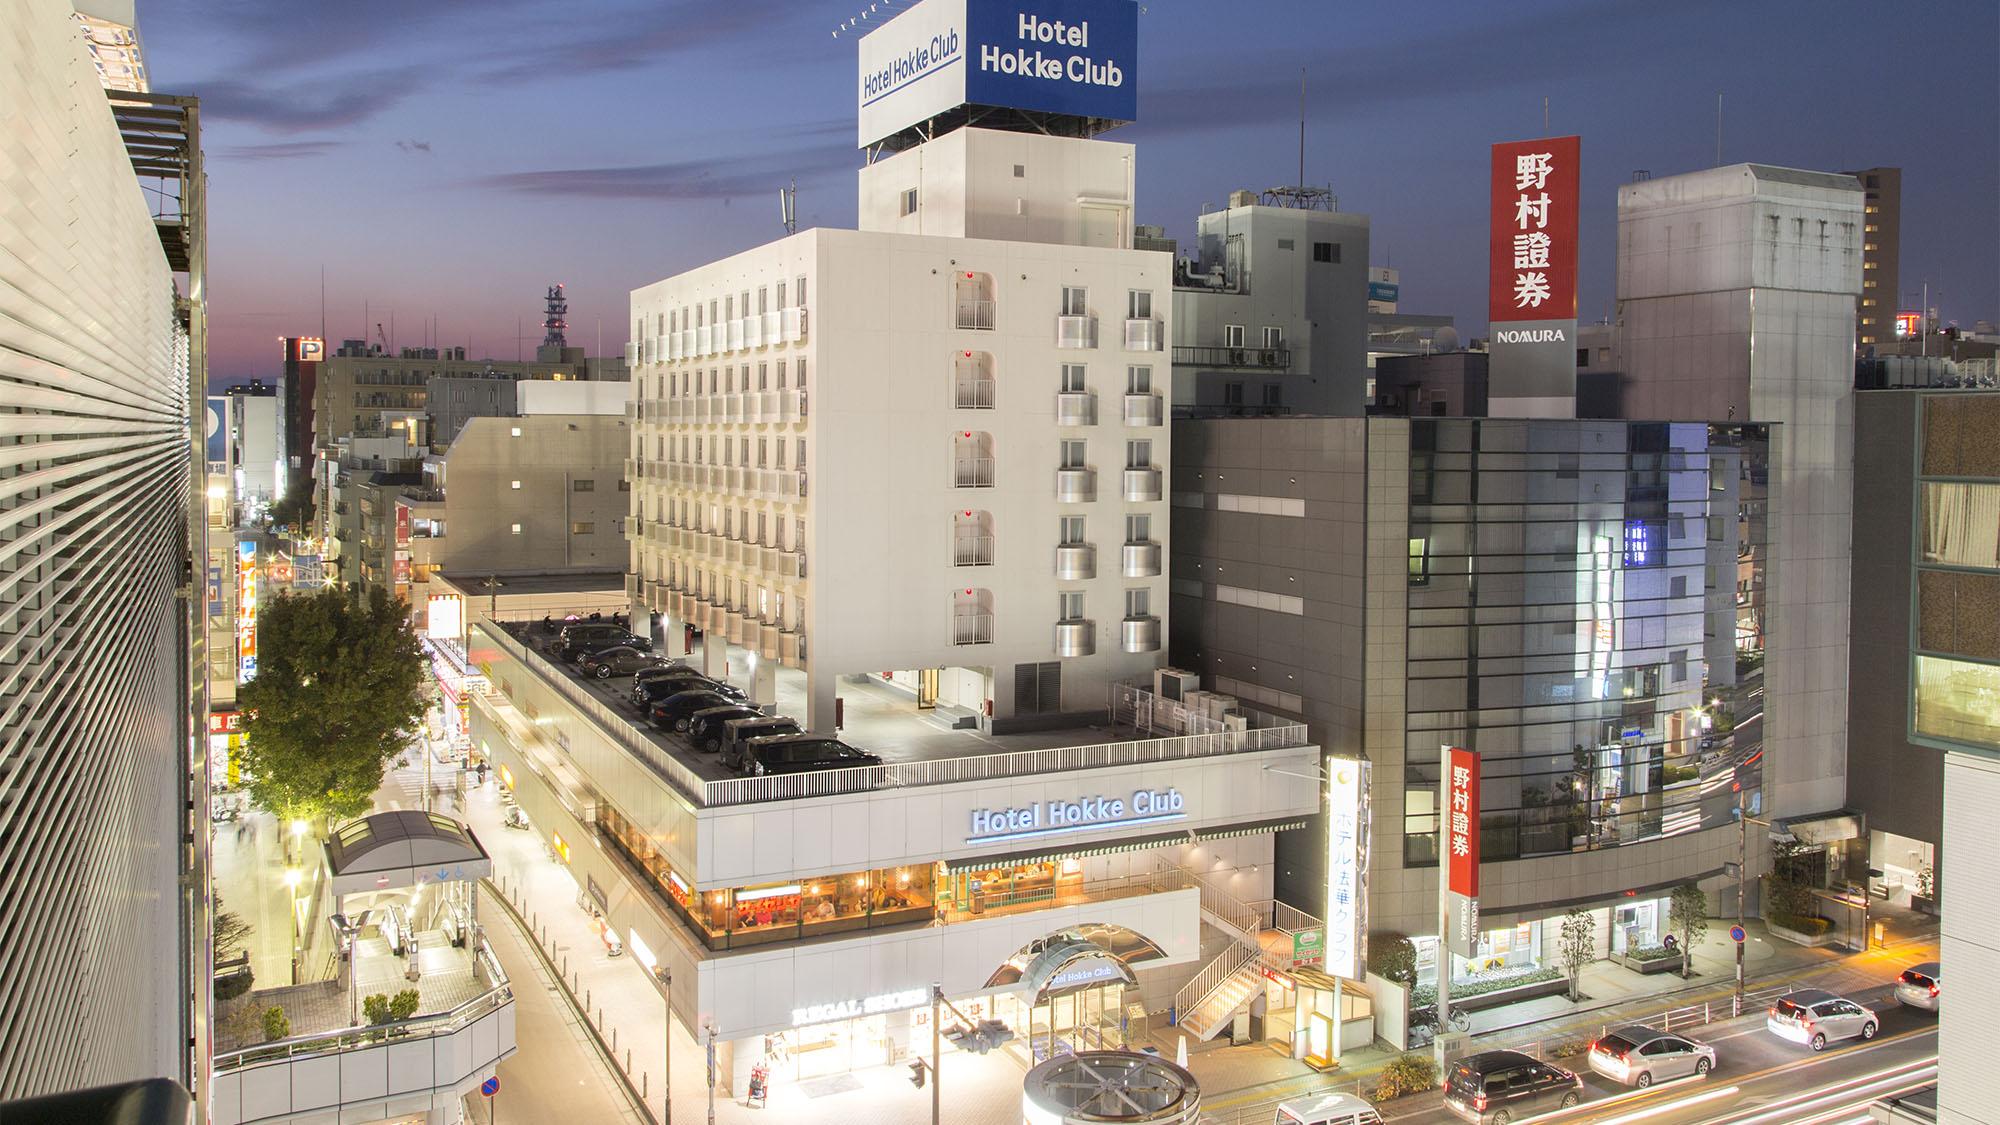 ホテル 法華クラブ 湘南藤沢◆楽天トラベル